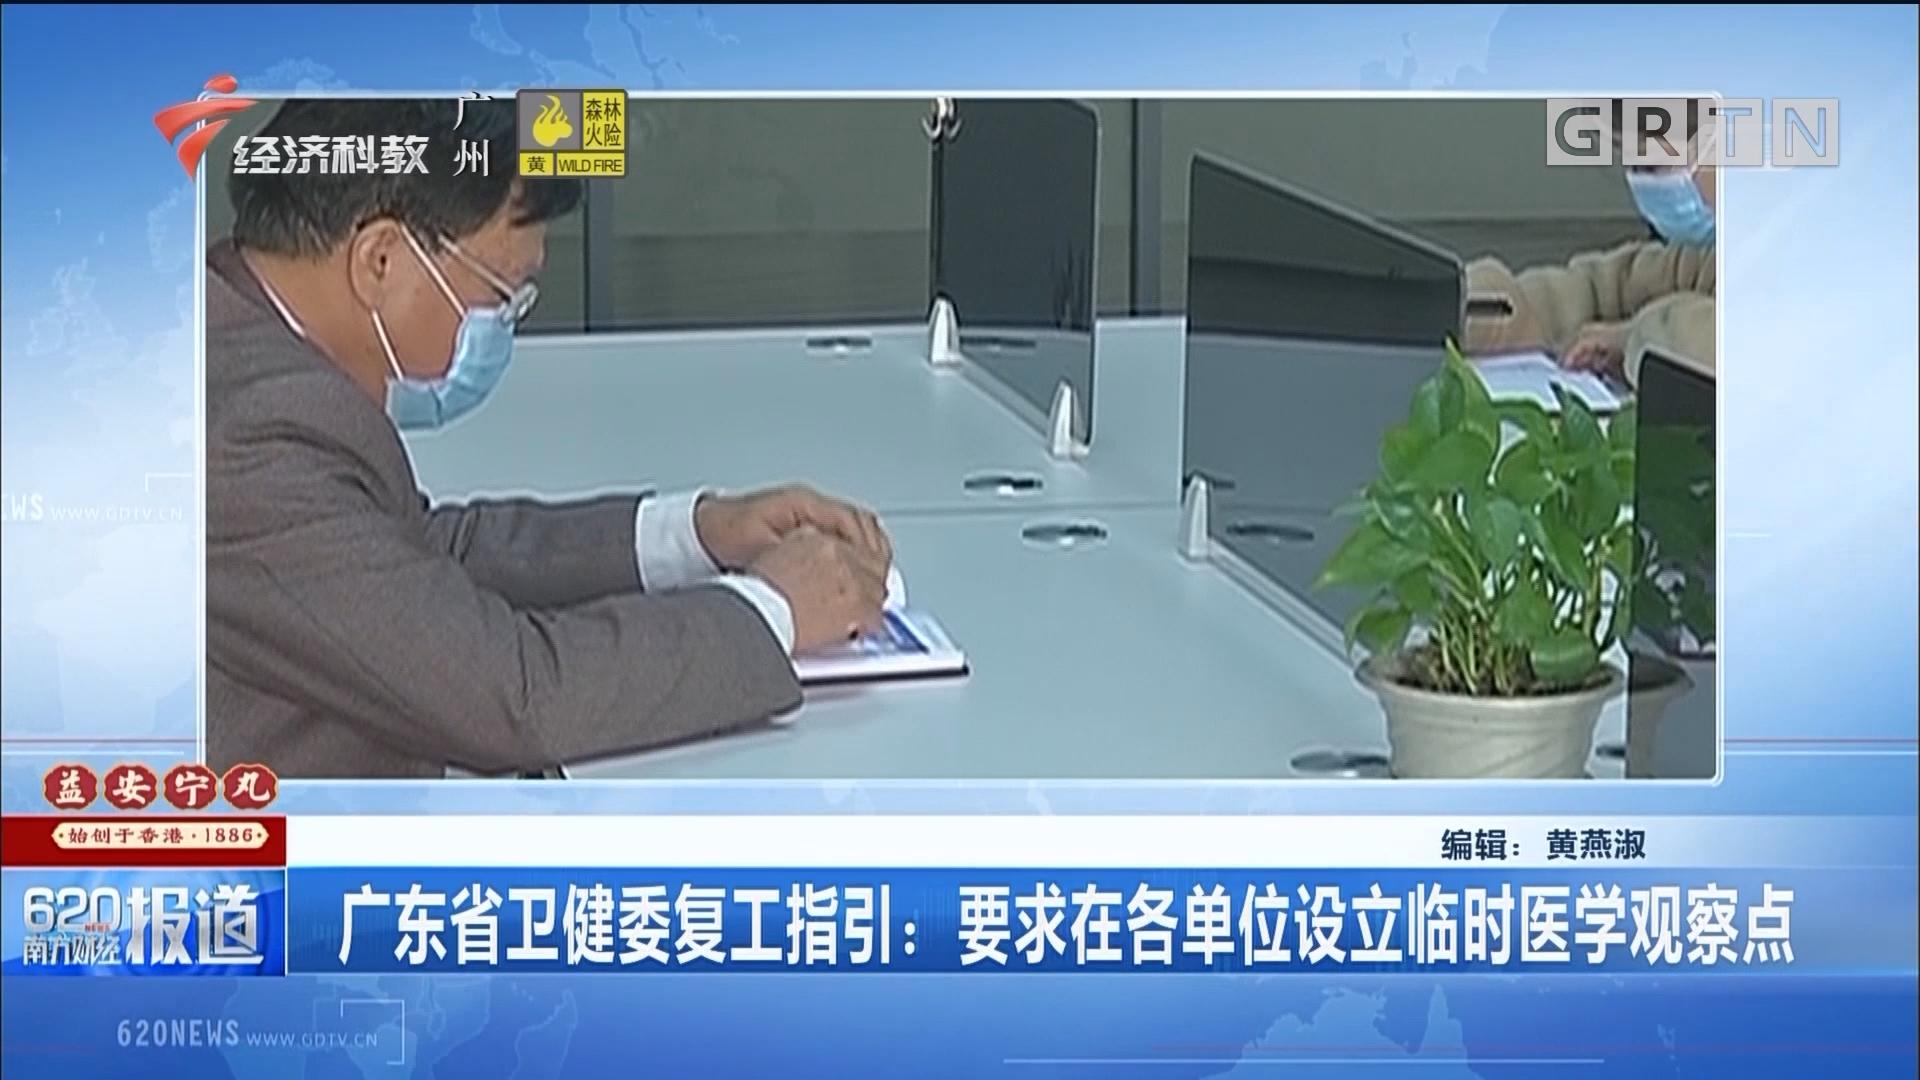 广东省卫健委复工指引:要求在各单位设立临时医学观察点